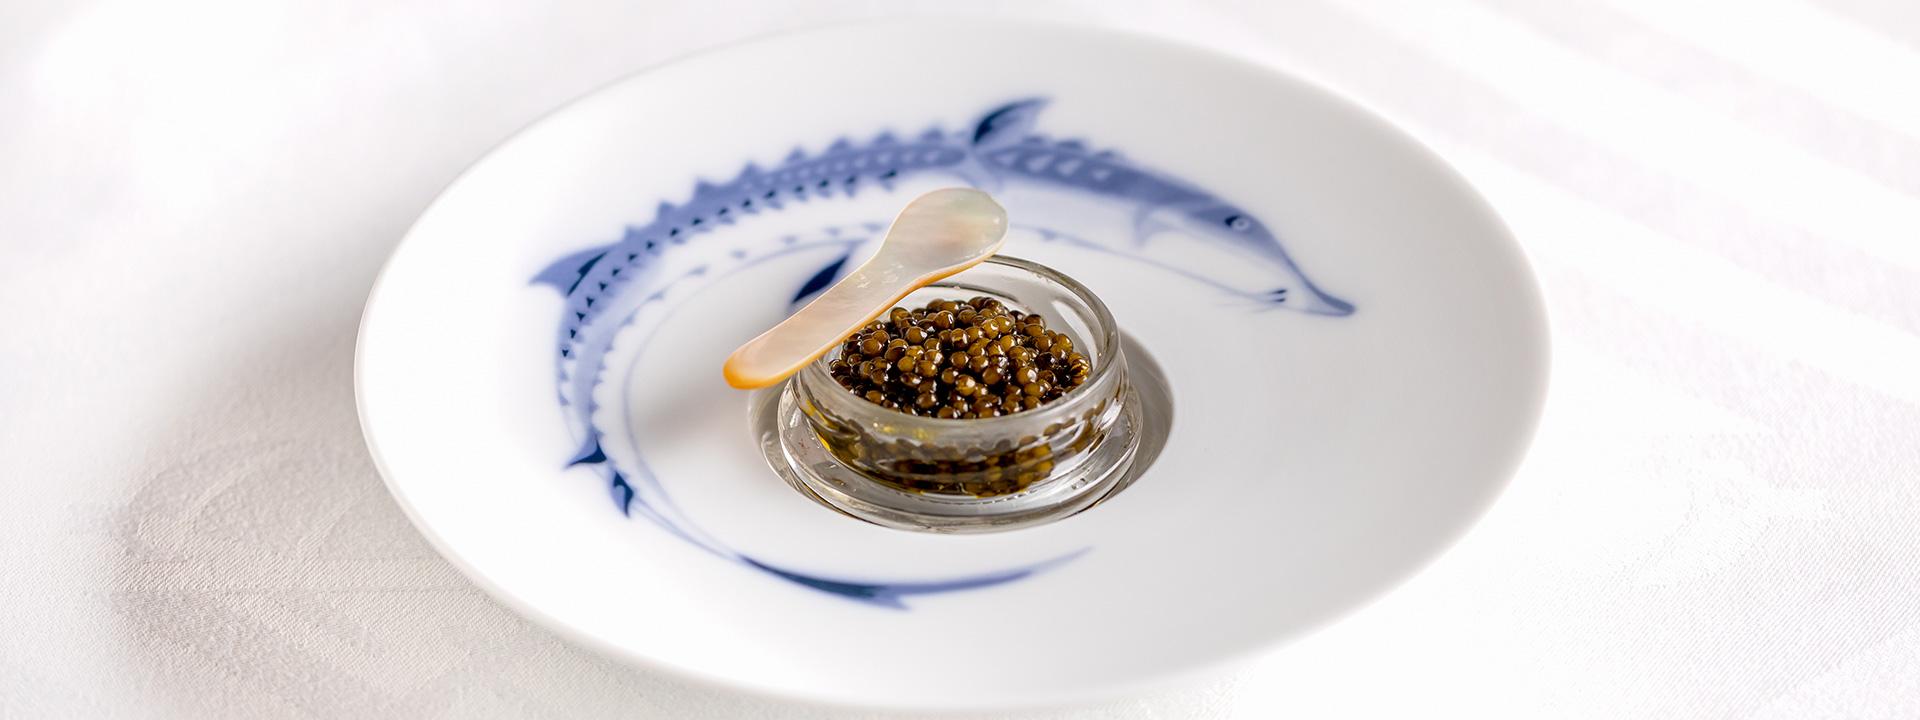 Caviar hero